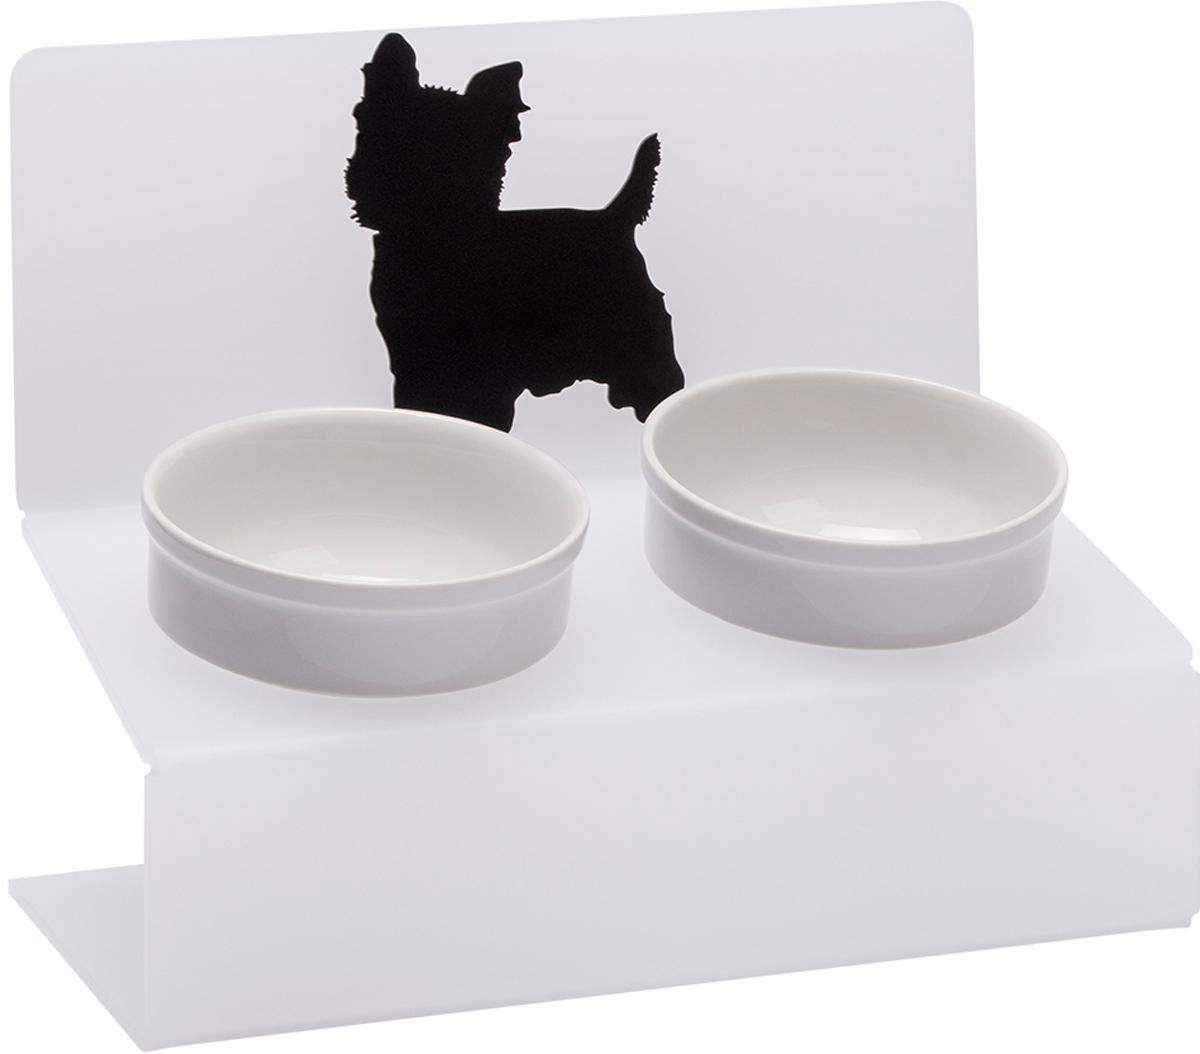 Миска для животных Artmiska  Четыре породы , двойная, на подставке, цвет: белый, полупрозрачный, 2 x 350 мл - Аксессуары для кормления